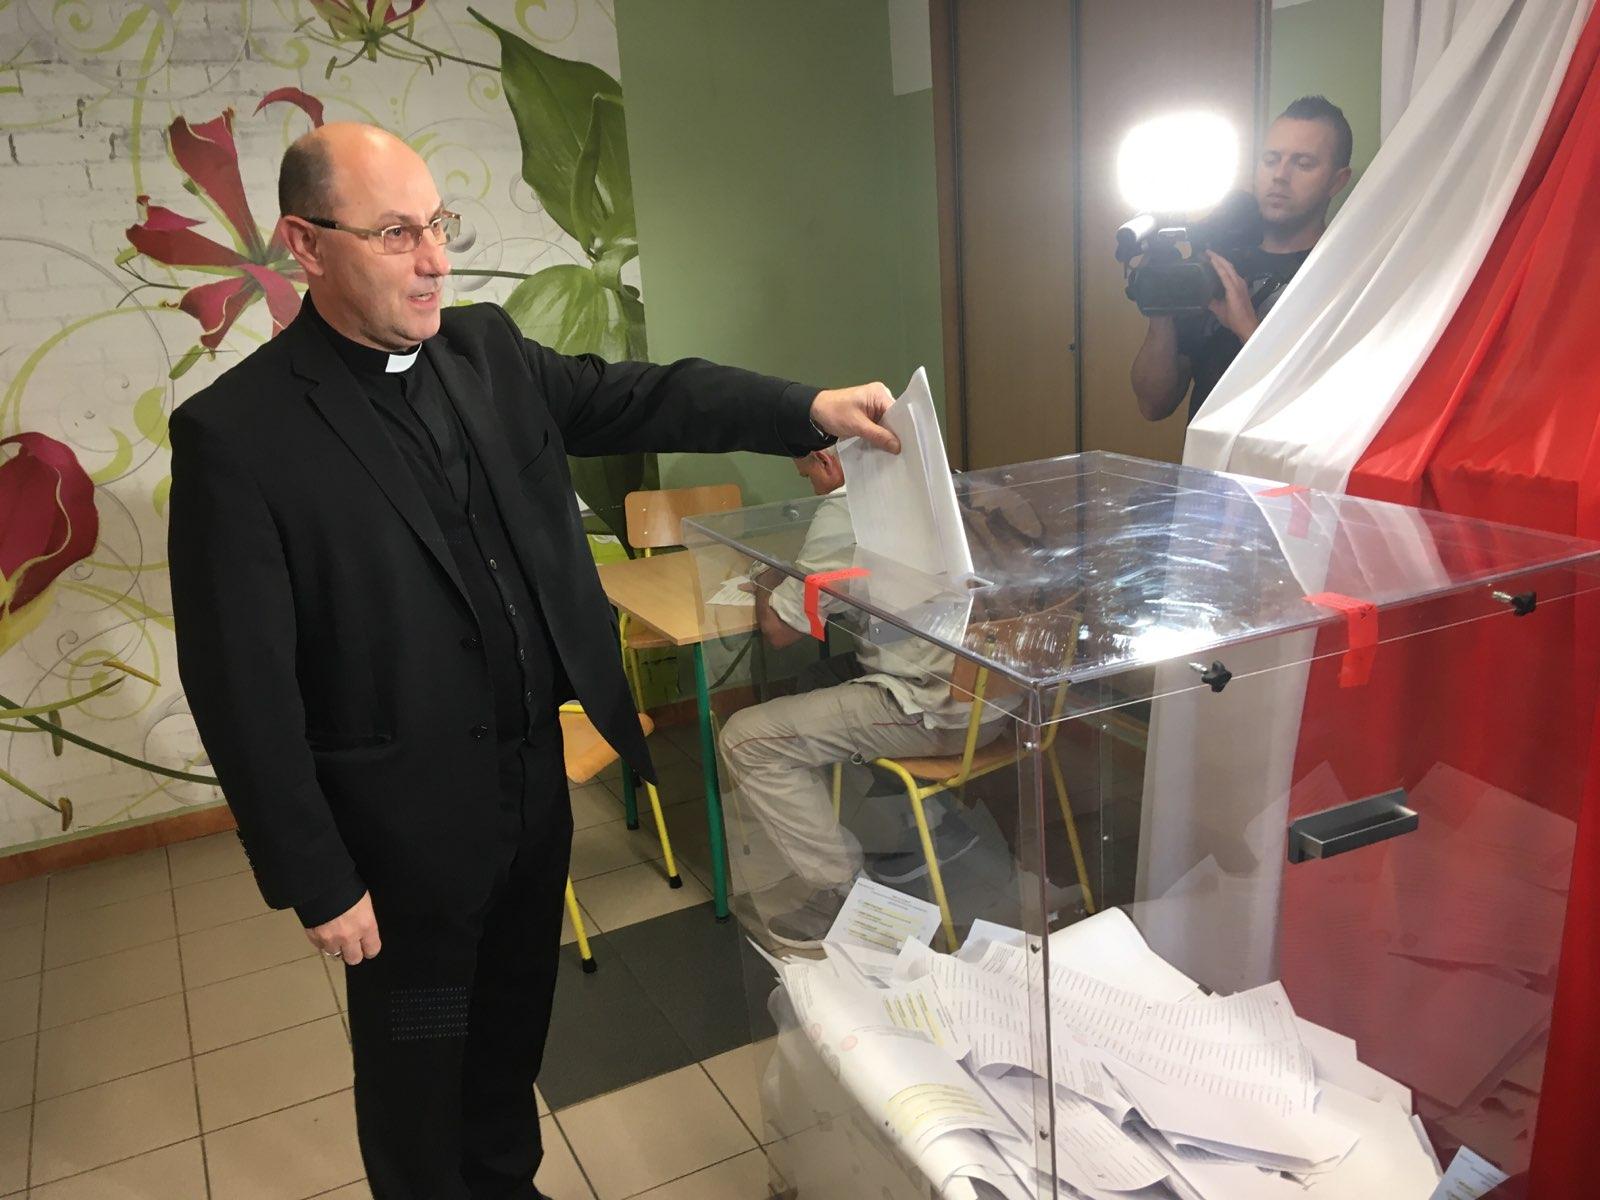 arcybiskup gnieźnieński Wojciech Polak głosuje 2019 - Rafał Muniak